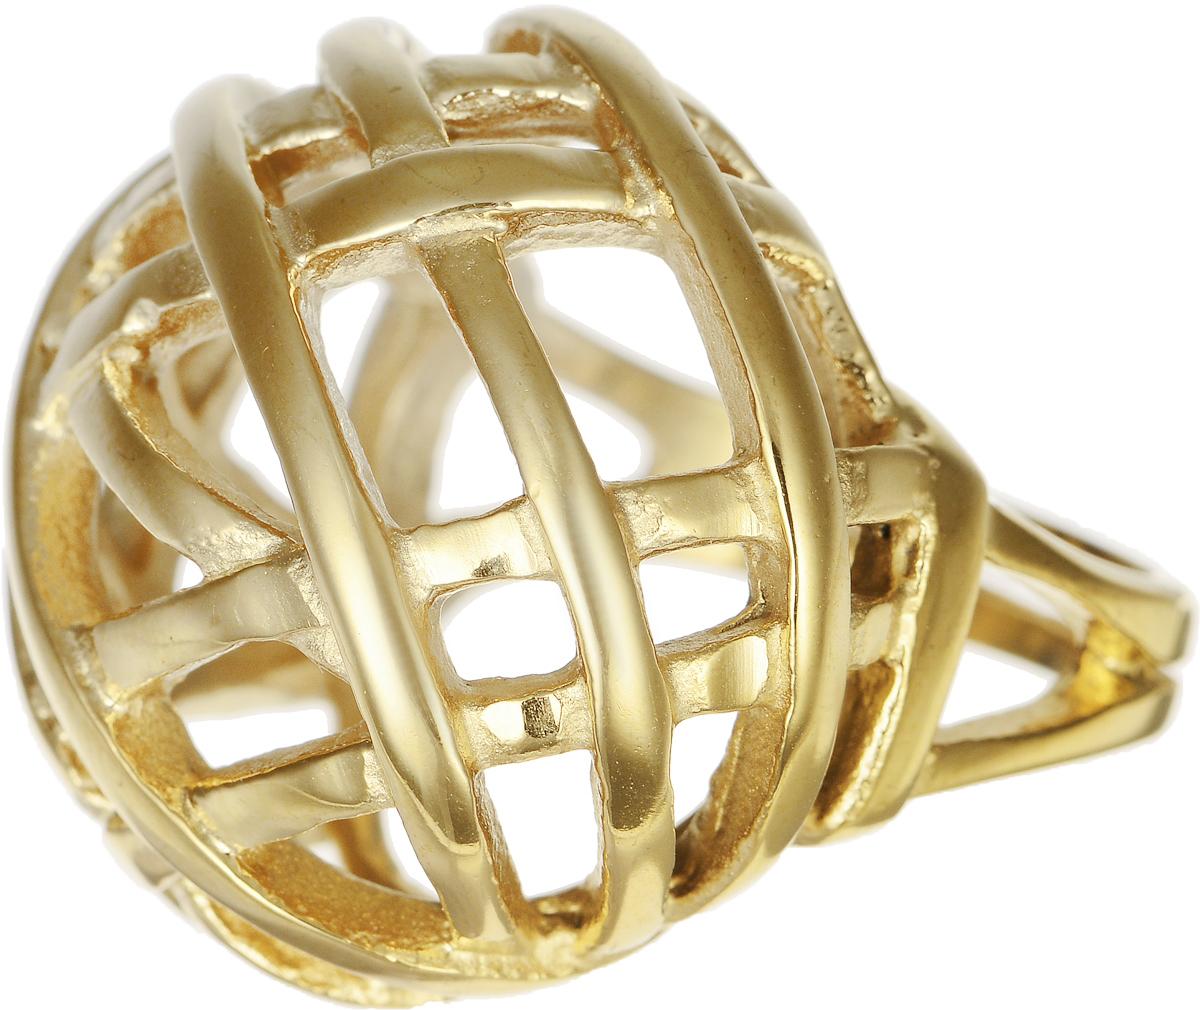 Кольцо Polina Selezneva, цвет: золотистый. DG-0014. Размер 17Коктейльное кольцоСтильное кольцо Polina Selezneva изготовлено из качественного металлического сплава и выполнено в оригинальном дизайне. Кольцо оформлено резным узором.